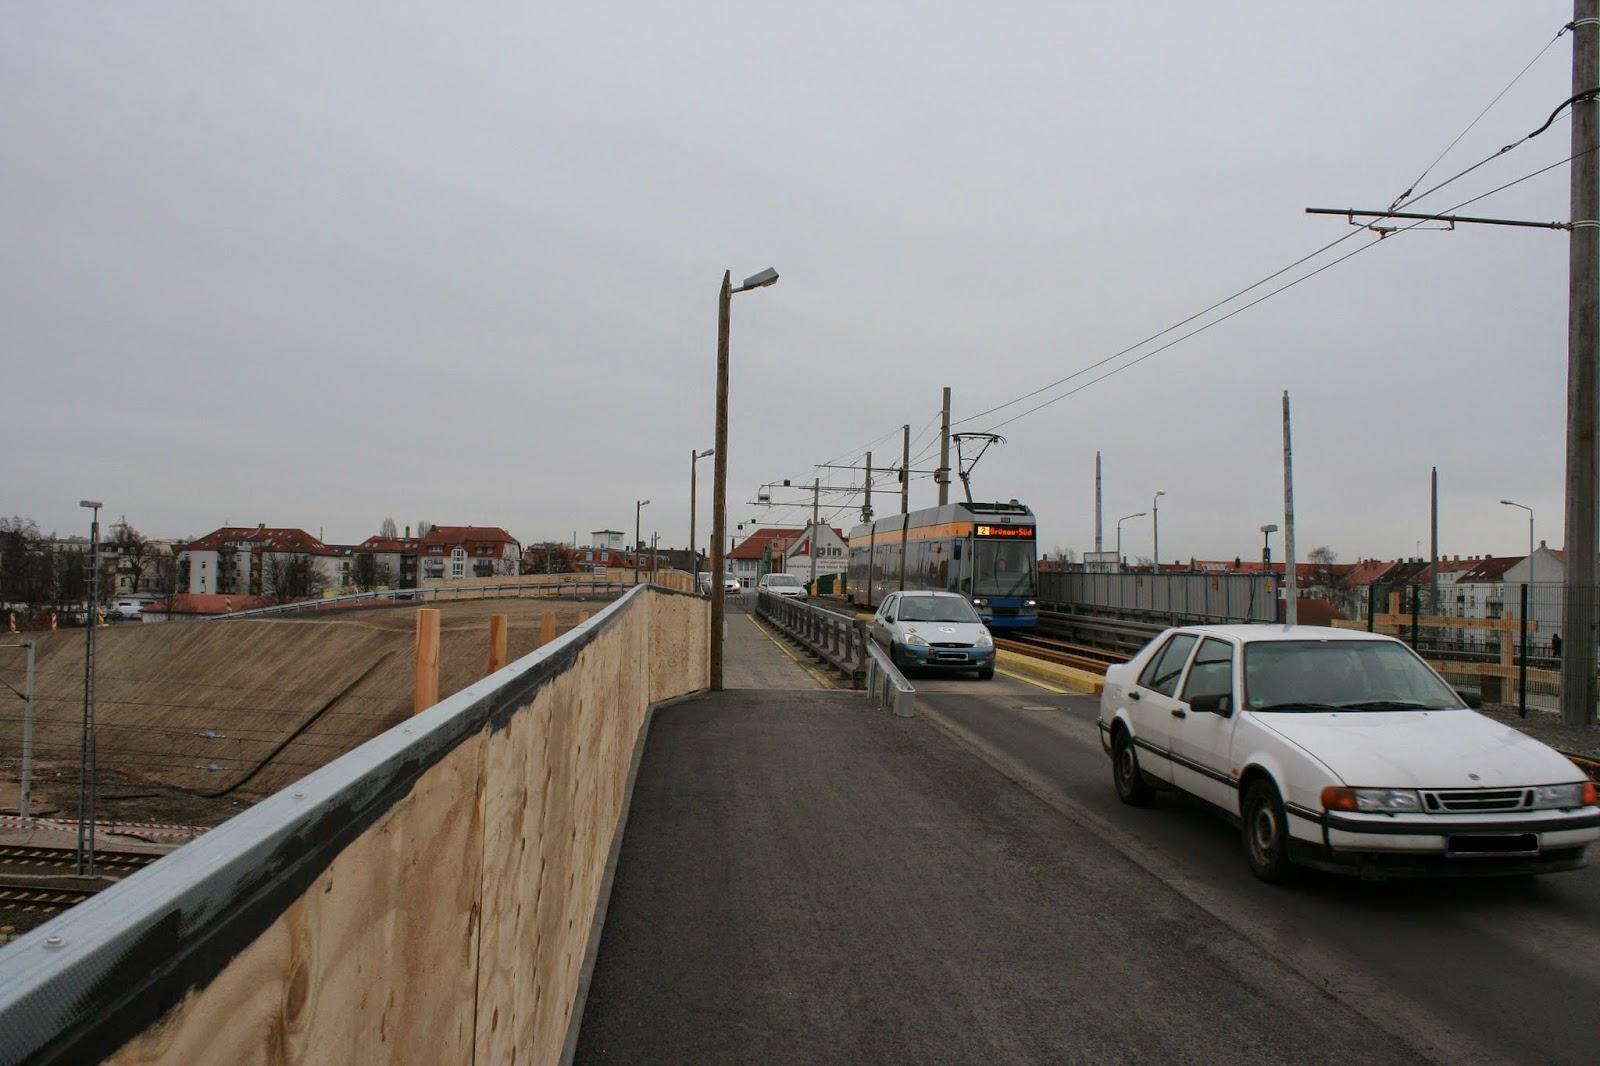 Antonienbrücke 03.01.2015 - Fahrzeuge und Tram auf der Brücke